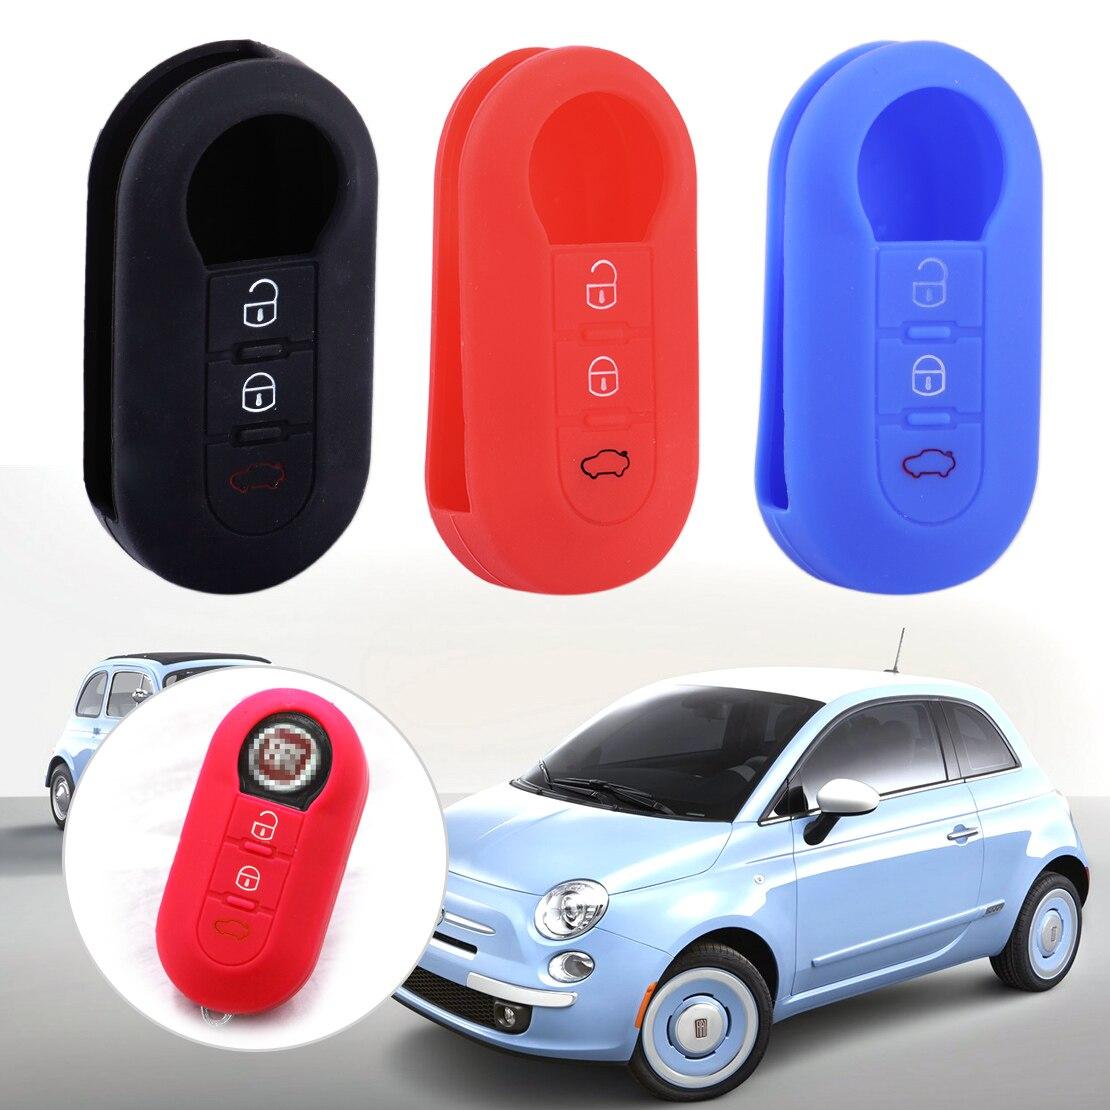 Beler silicona negro/rojo/azul cubierta de la llave del coche 3 botón Flip remoto key Soft Shell en blanco Fob para Fiat 500 de alta calidad